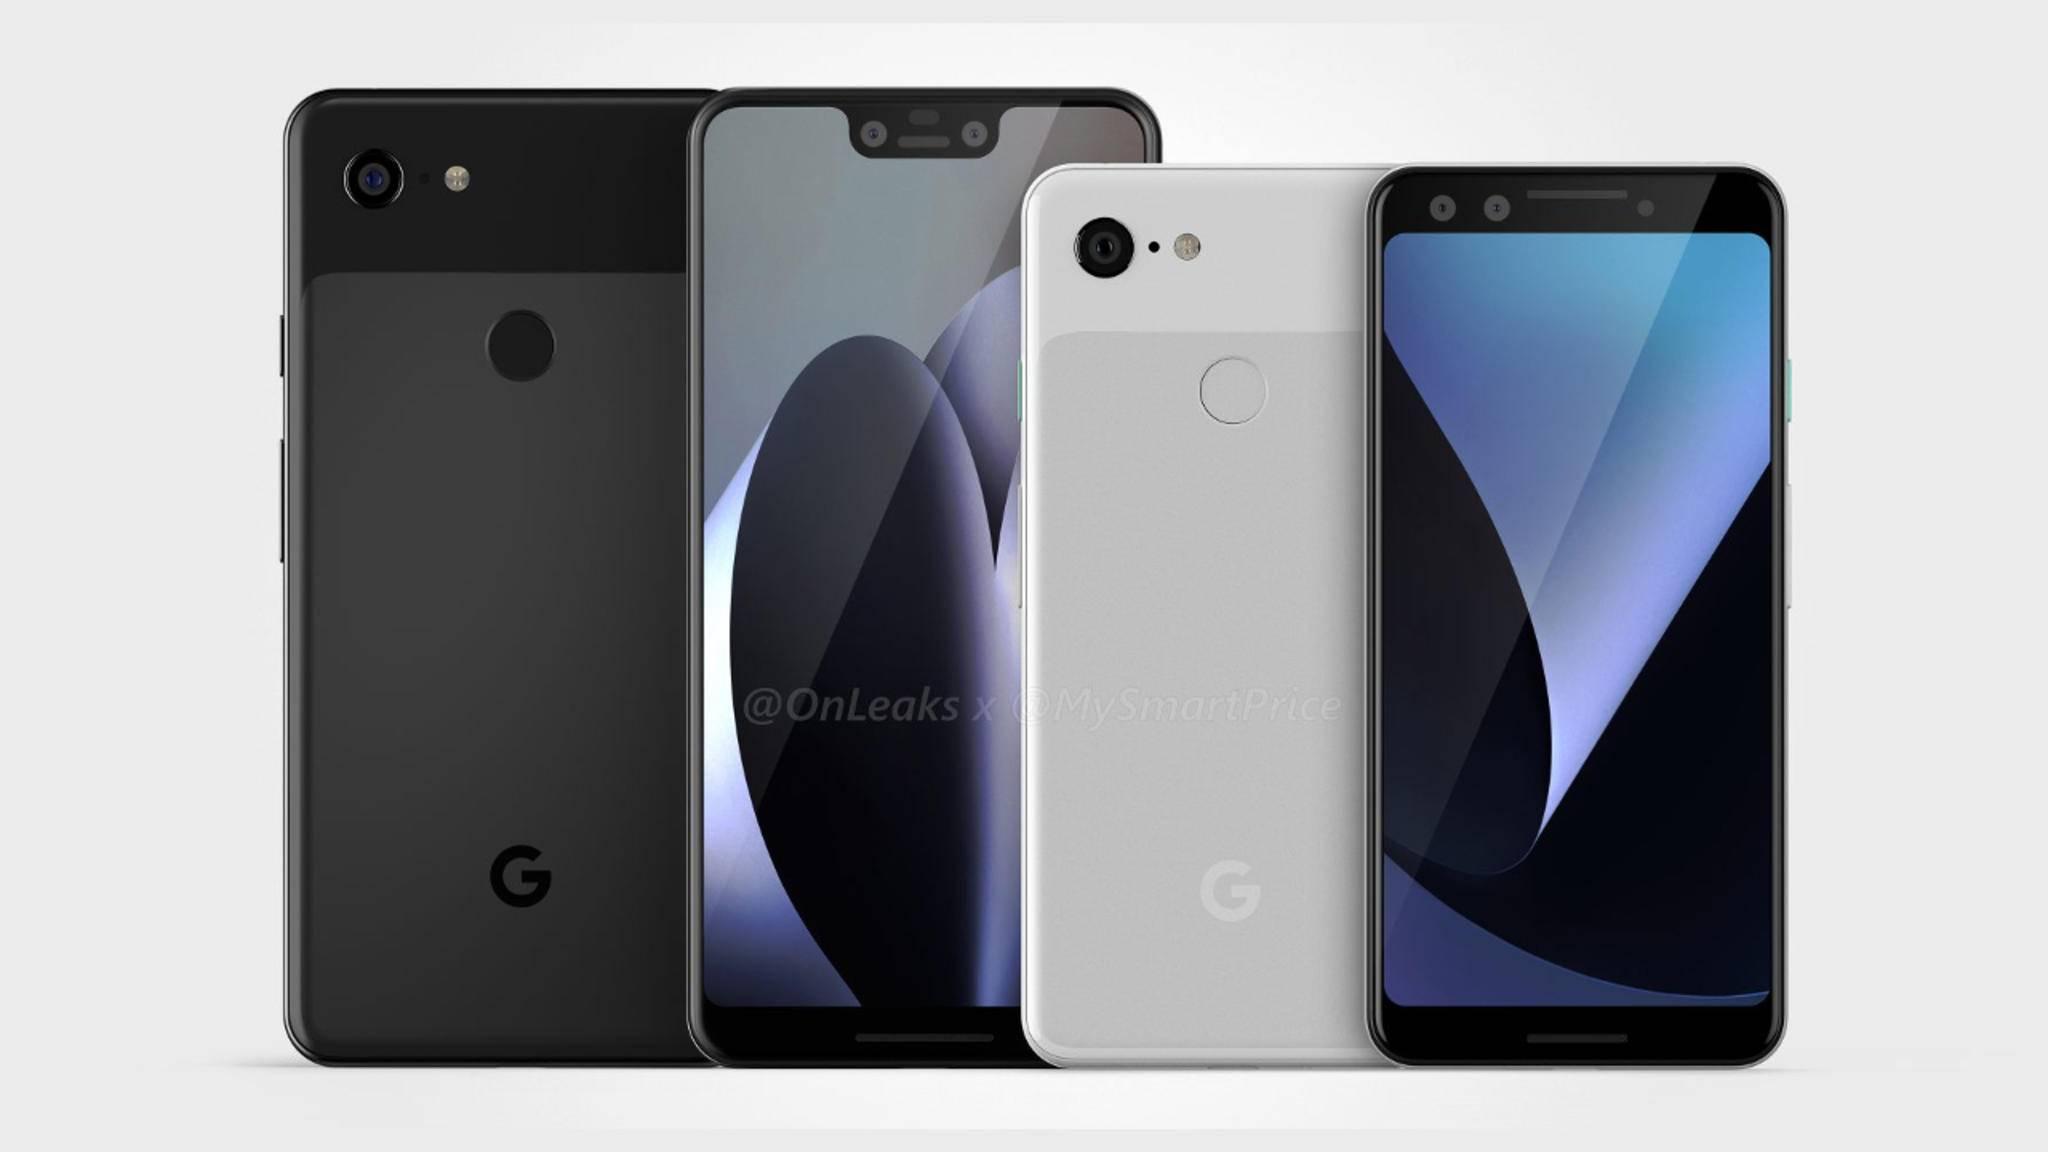 Das Pixel 3 XL (links) wird wohl auch eine Notch bekommen.